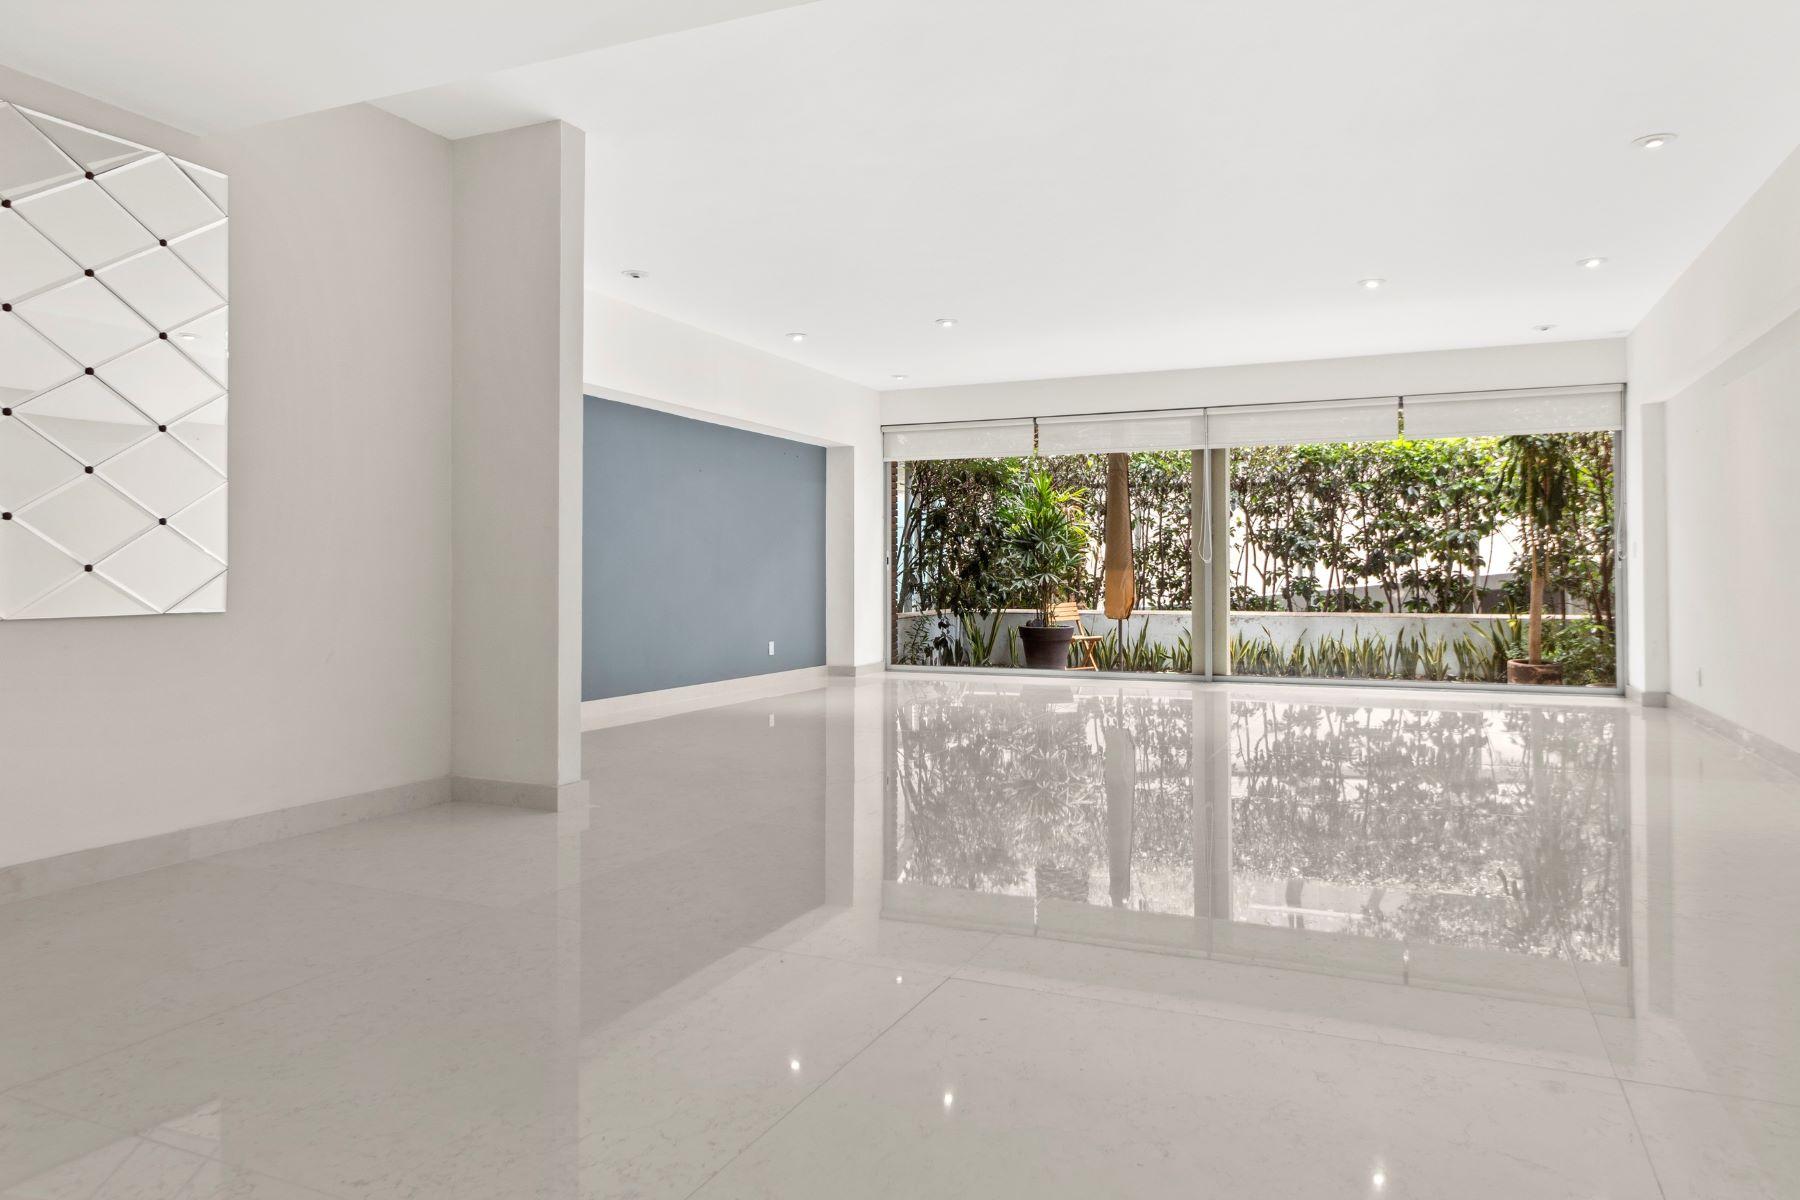 Apartments 용 매매 에 Tres Picos Garden House Tres Picos 78 Garden 9 Polanco, 멕시코의 도시 11560 멕시코